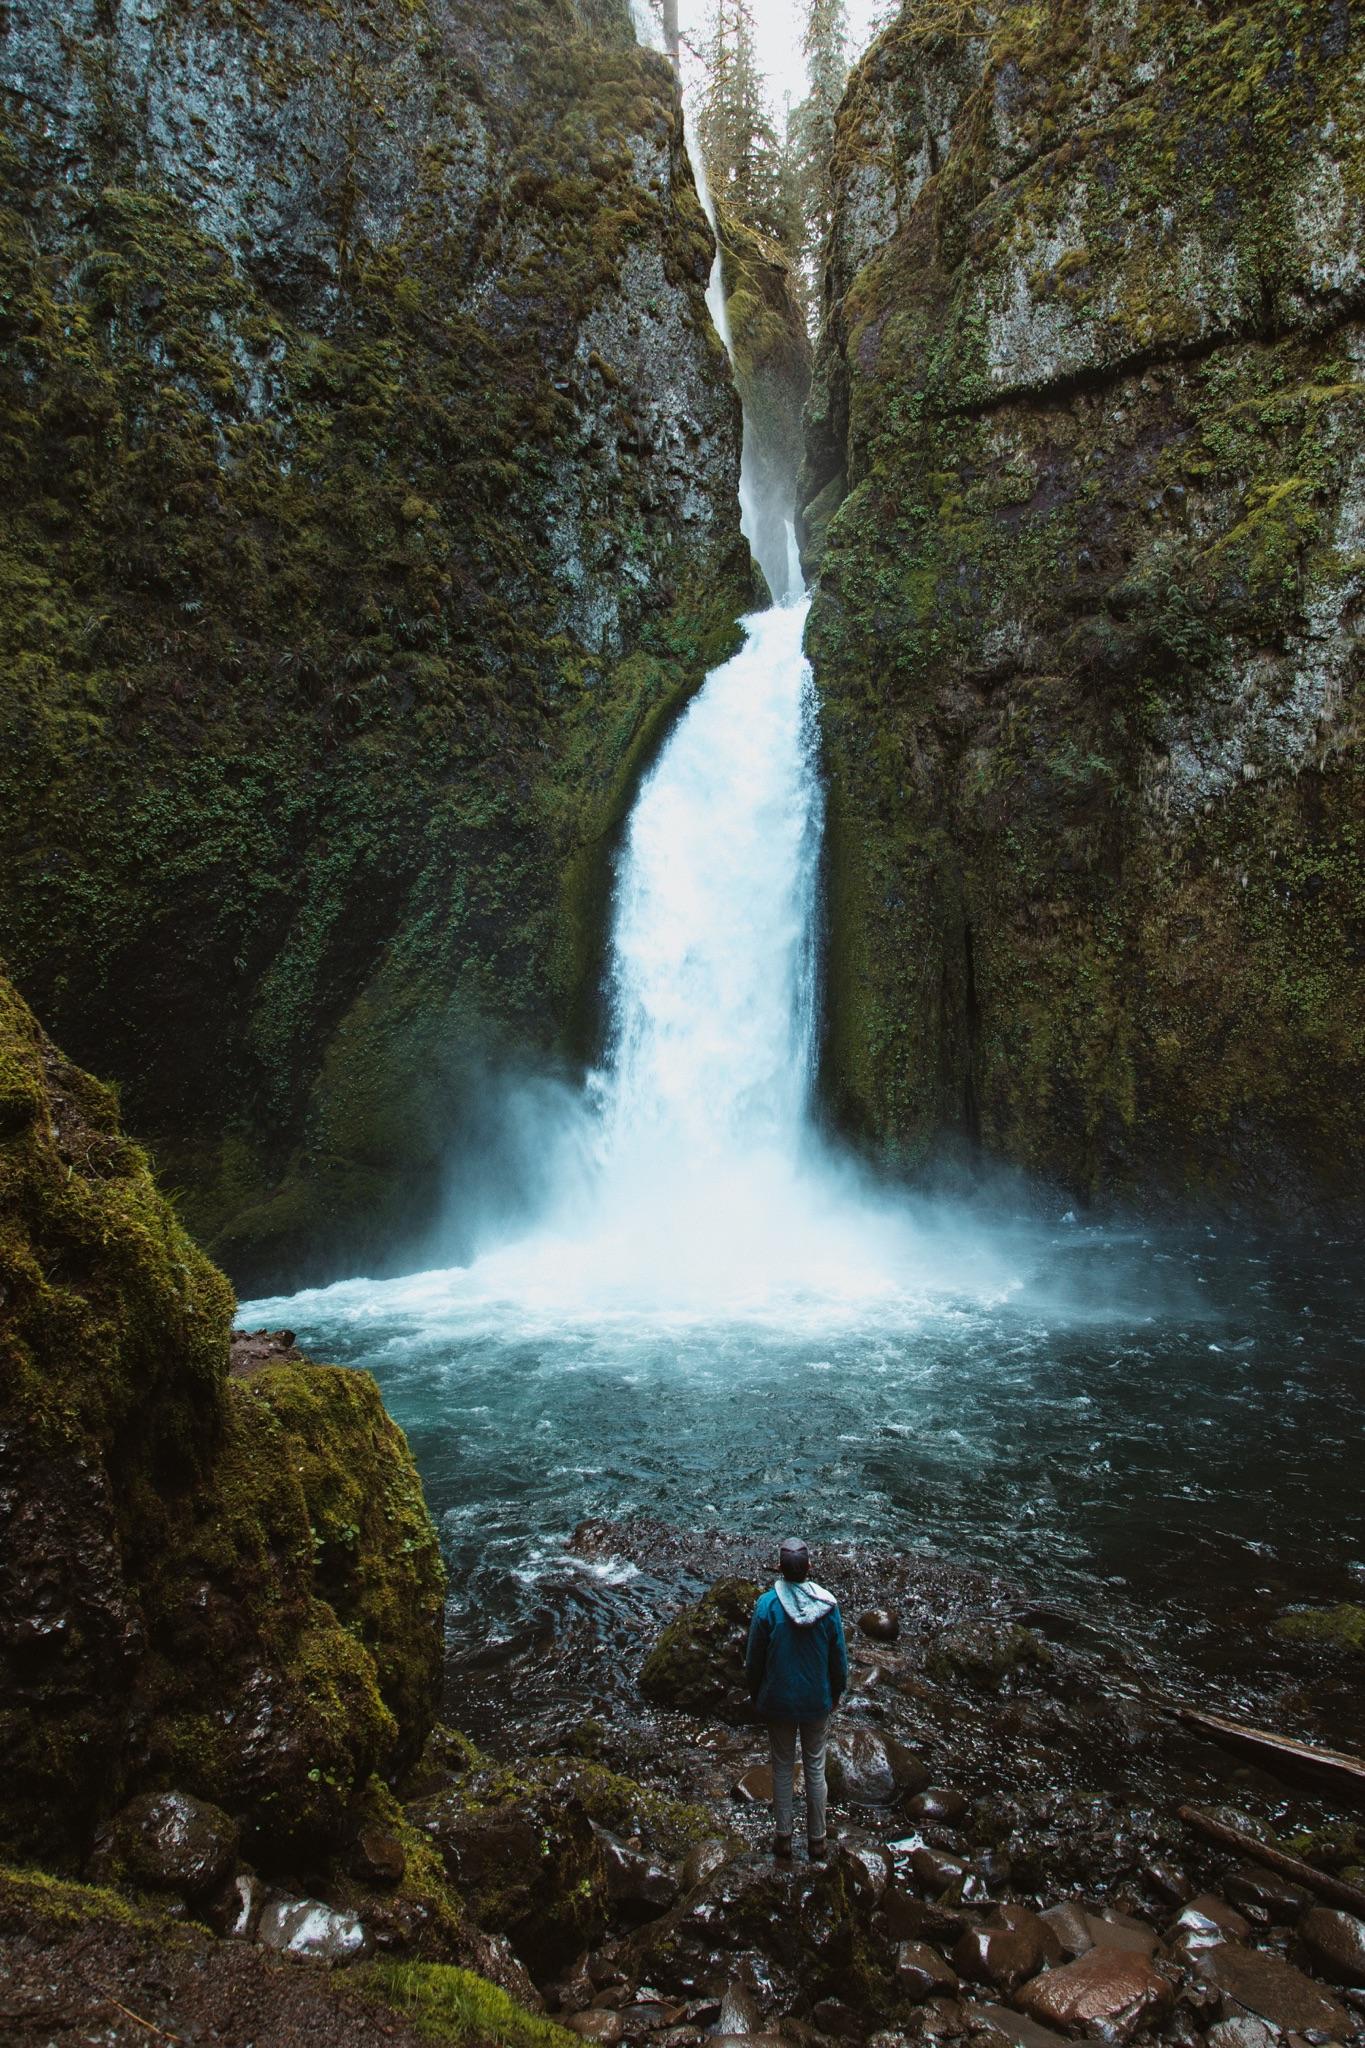 Wahclella Falls - The Columbia River Gorge, Oregon